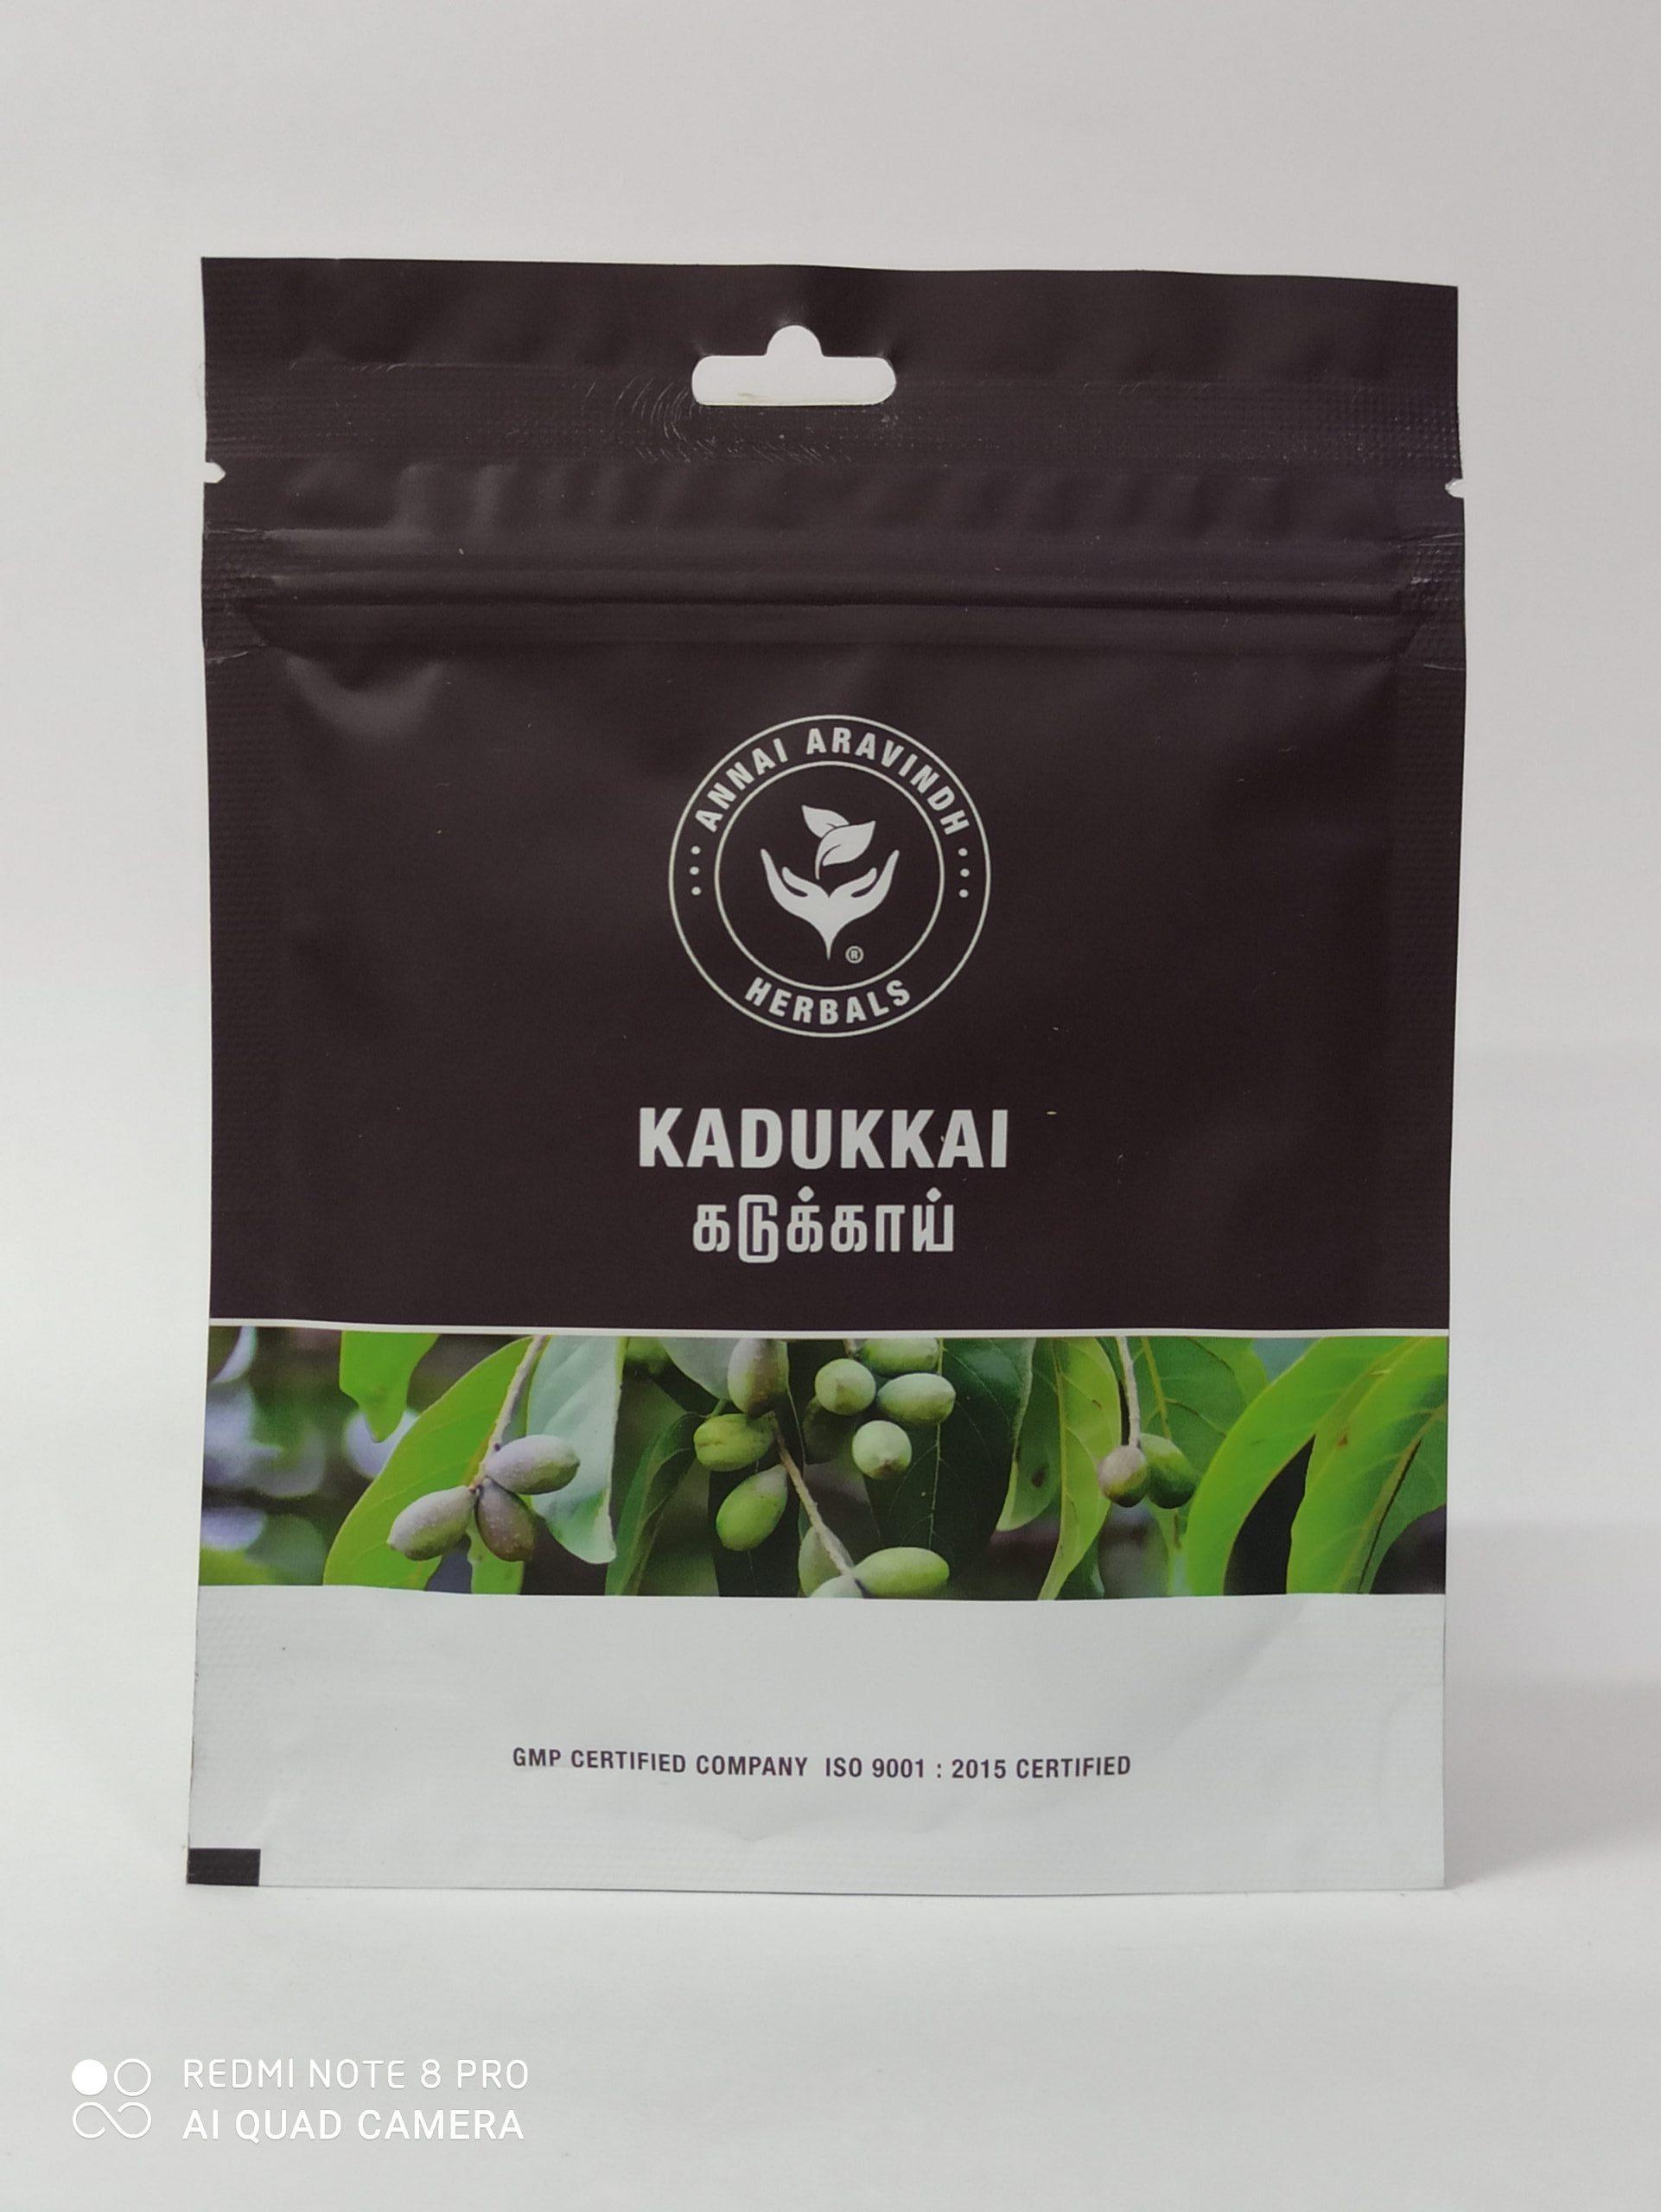 ANNAI ARAVINDH KADUKKAI POWDER 50GM